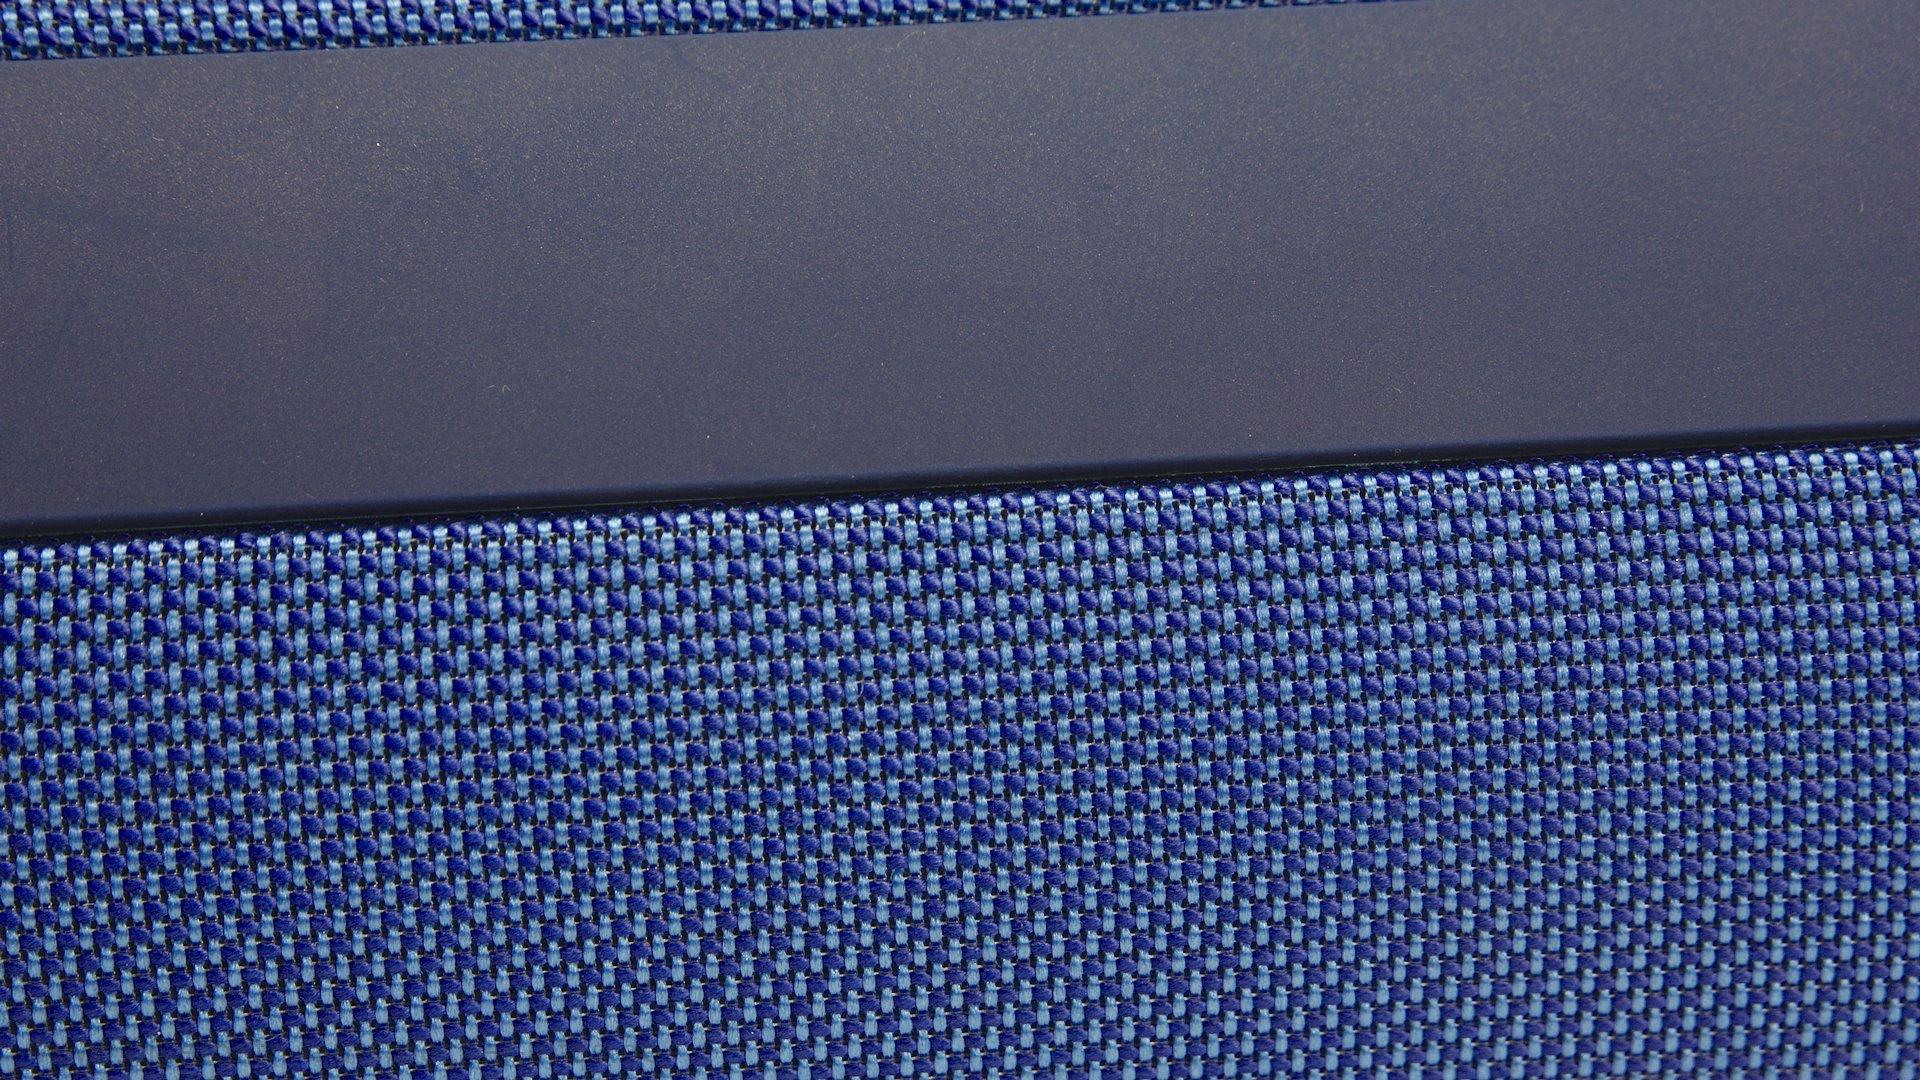 UE Megaboom 3 im Test - 360° Lautsprecher, wasserdicht, mit App